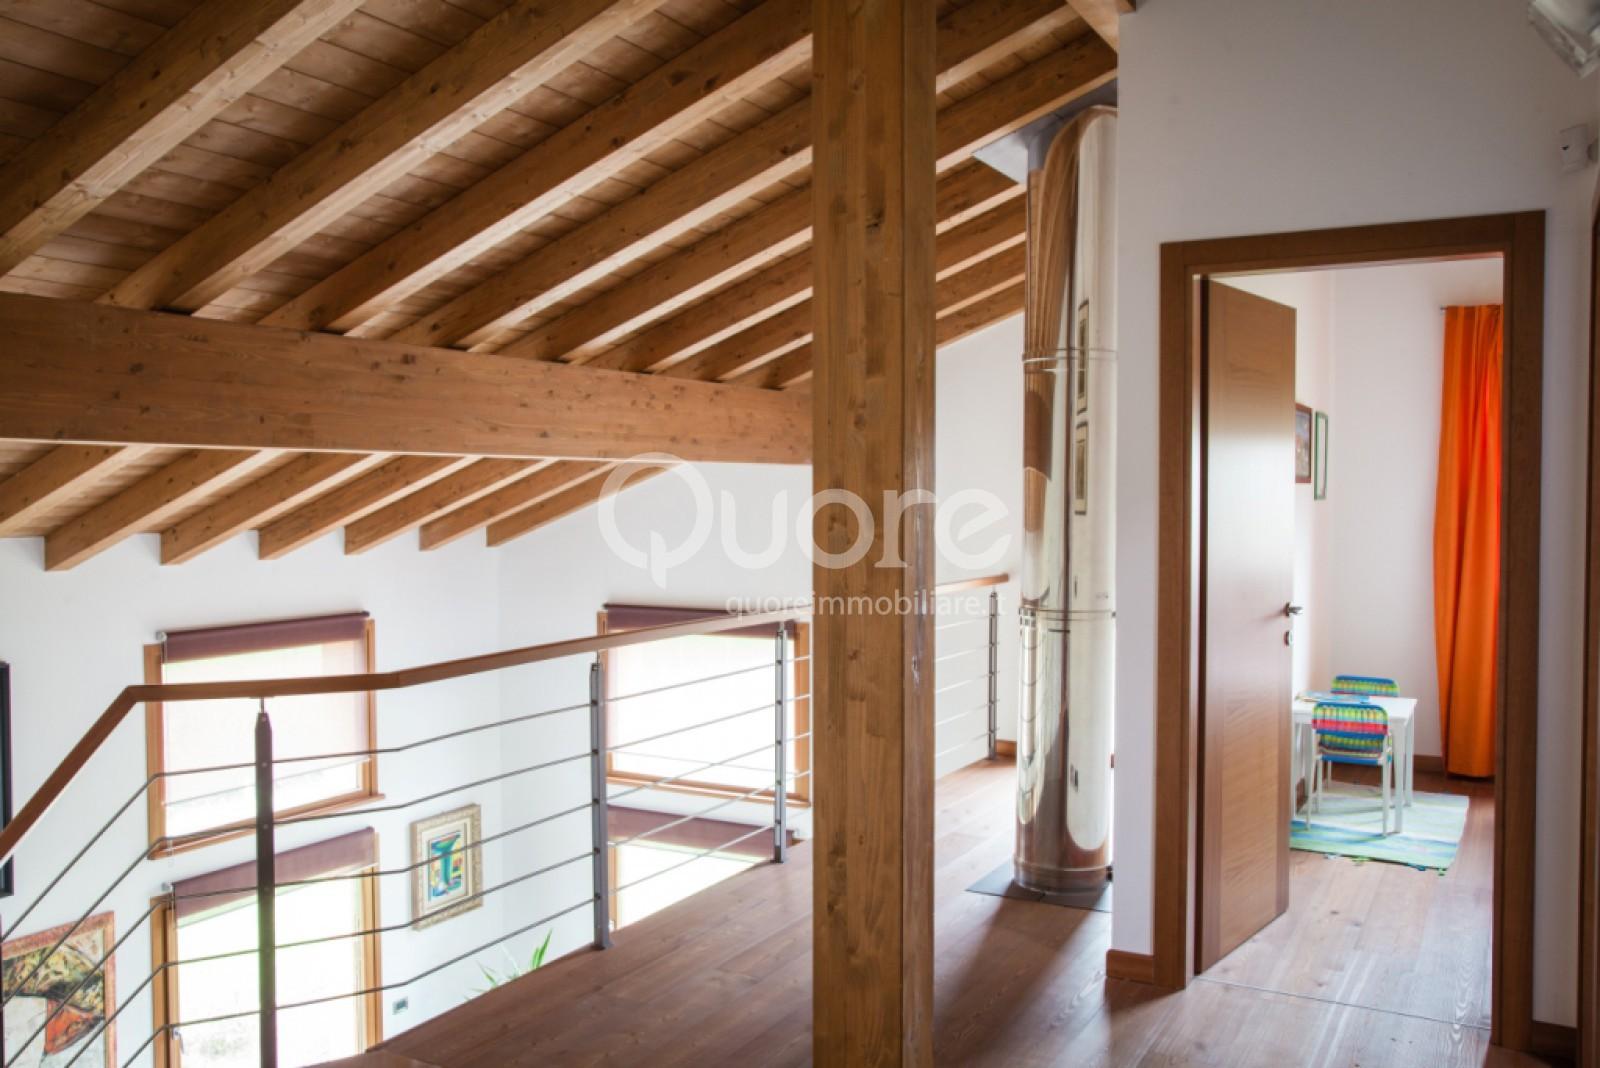 Villa in vendita a Udine, 6 locali, zona Zona: Beivars, prezzo € 400.000   CambioCasa.it